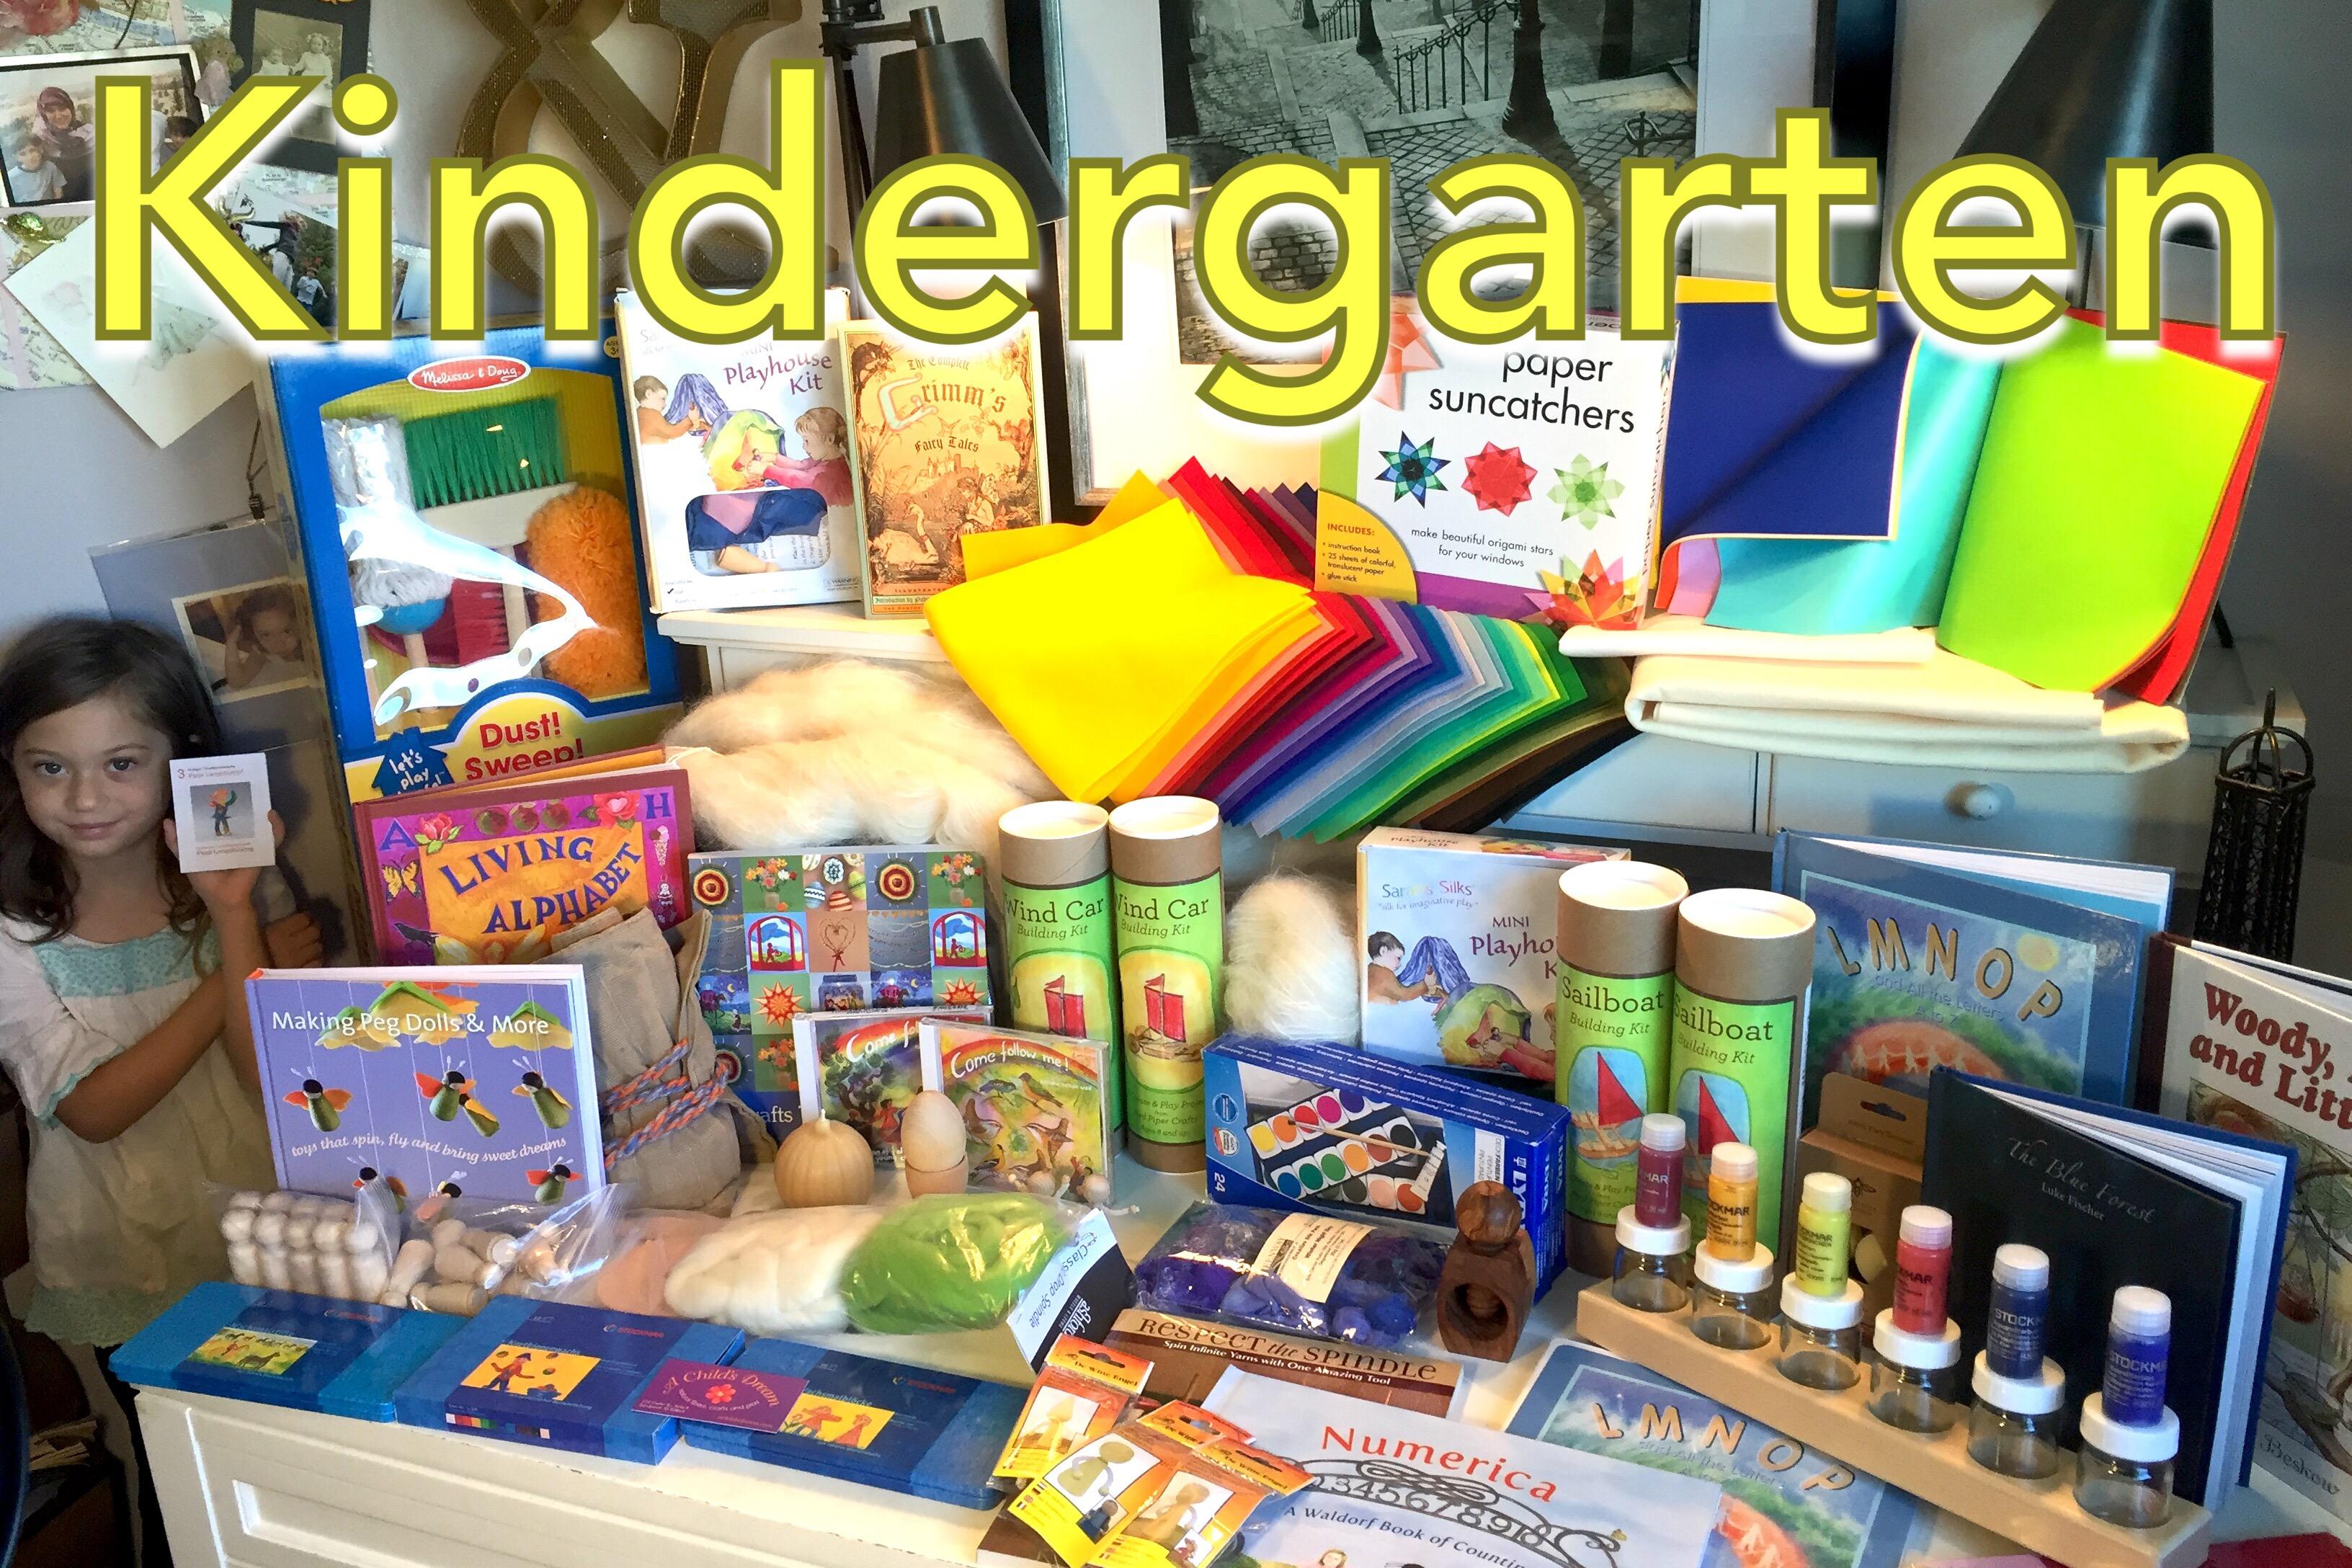 Kindergarten Curriculum Haul | Waldorf